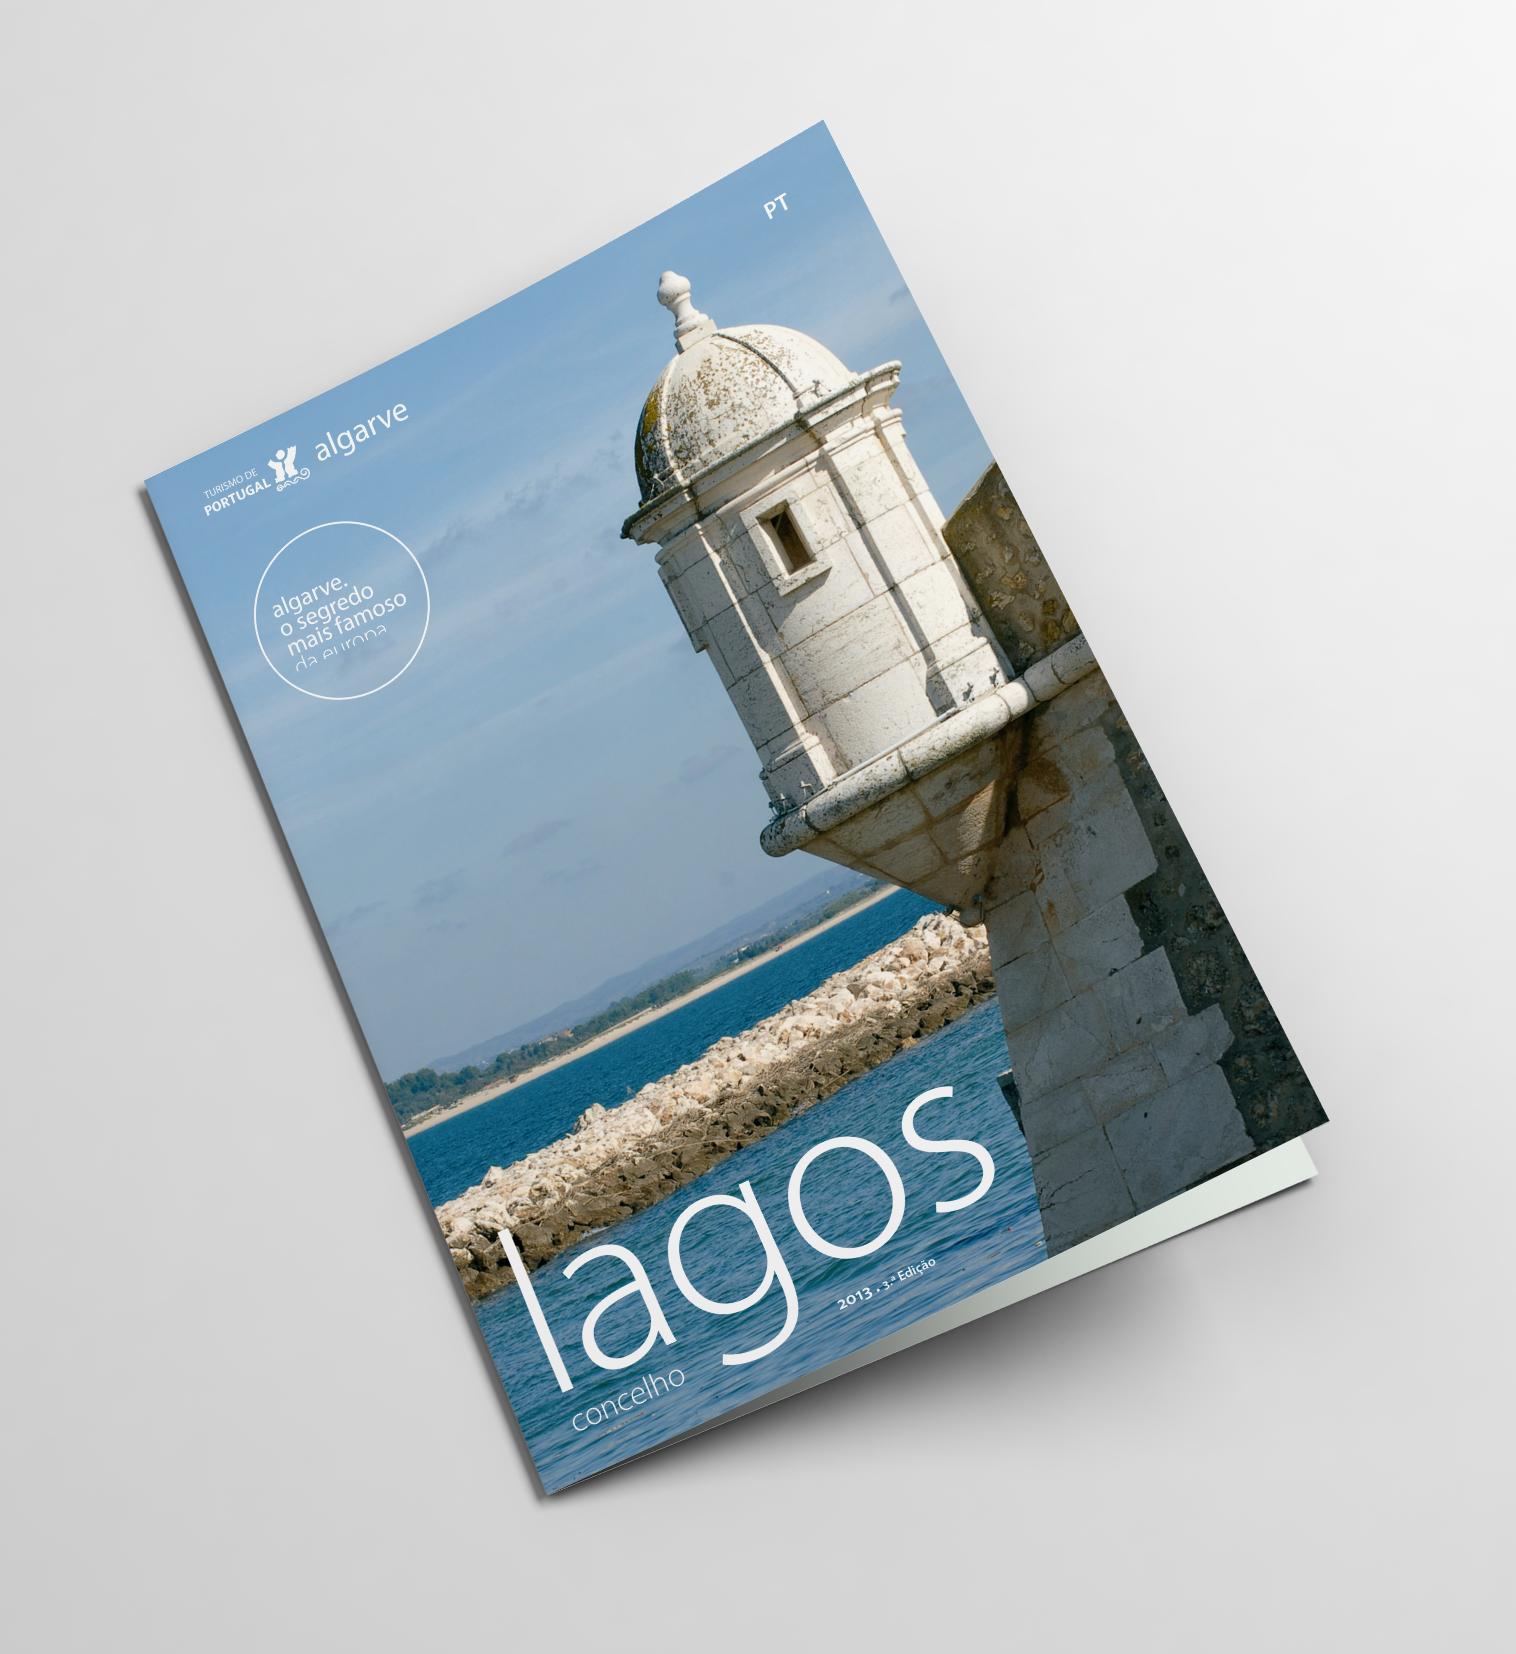 Folheto Concelhio de Lagos